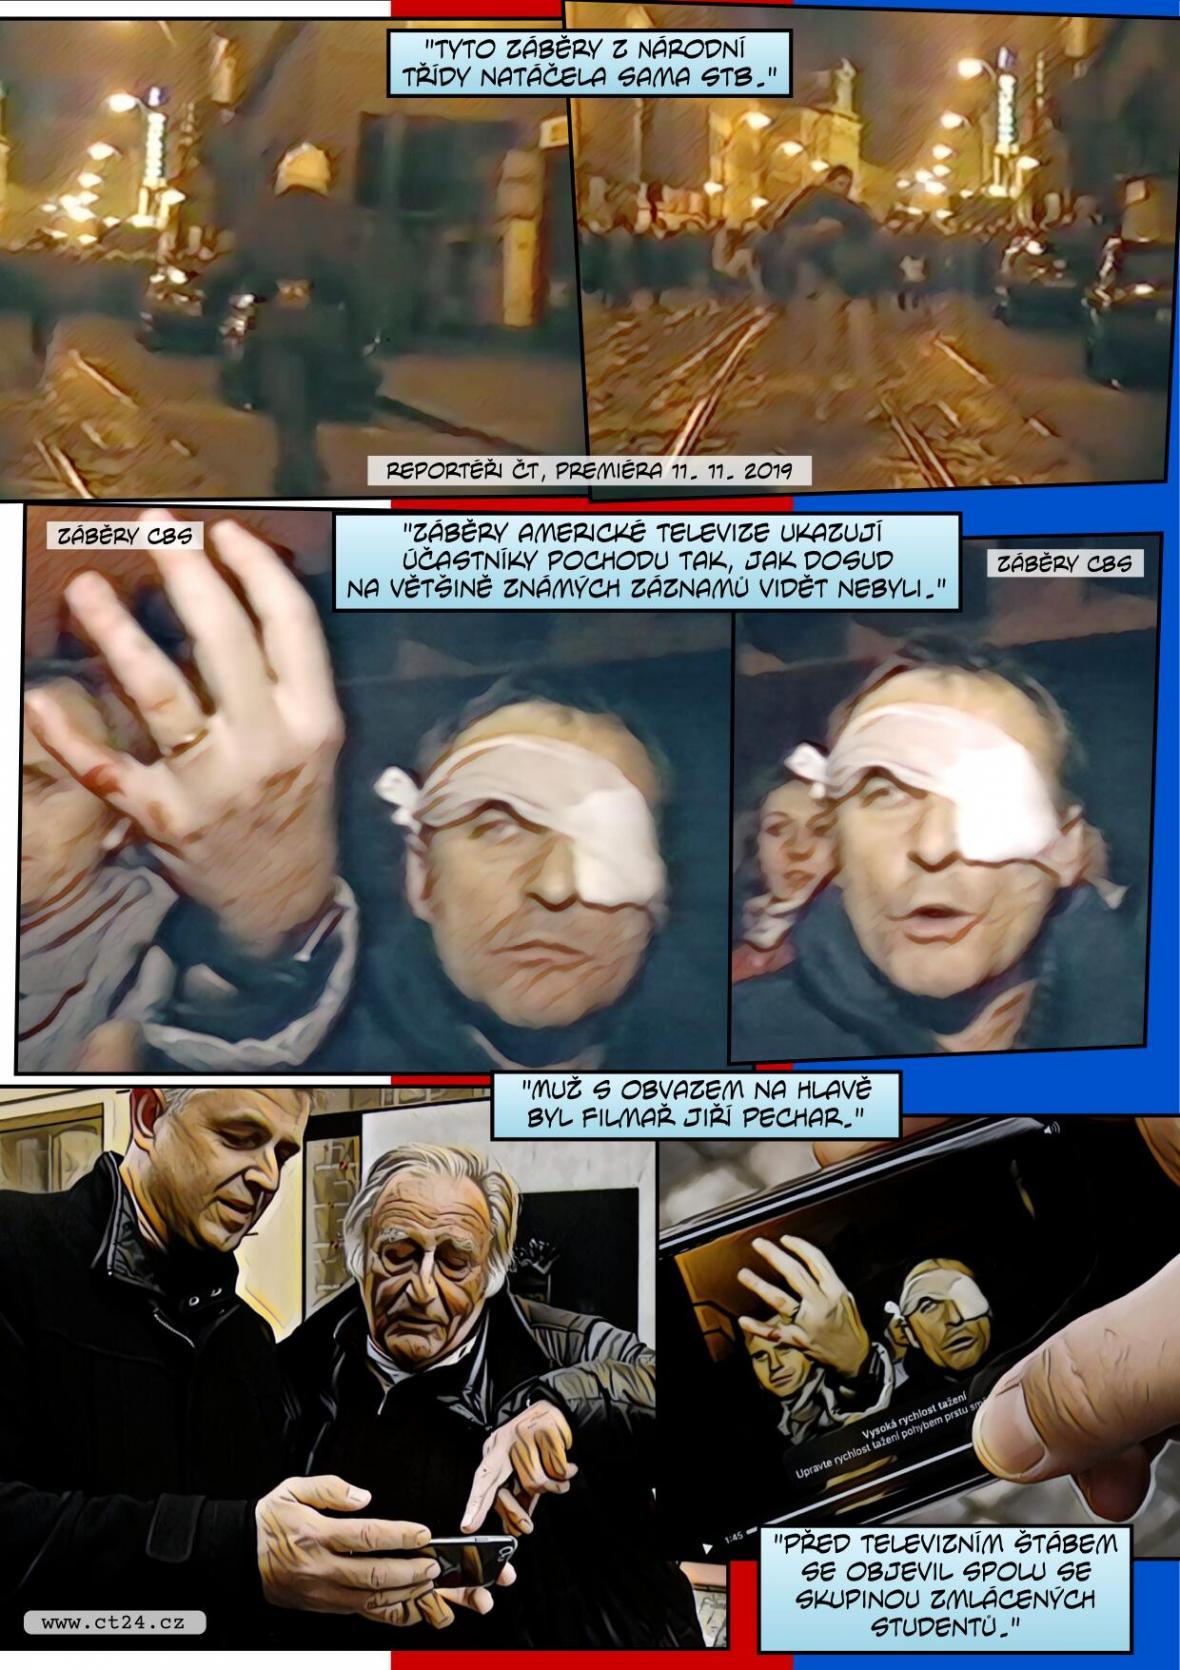 Neznámé záběry zbitých studentů z Národní třídy pořídila americká televize